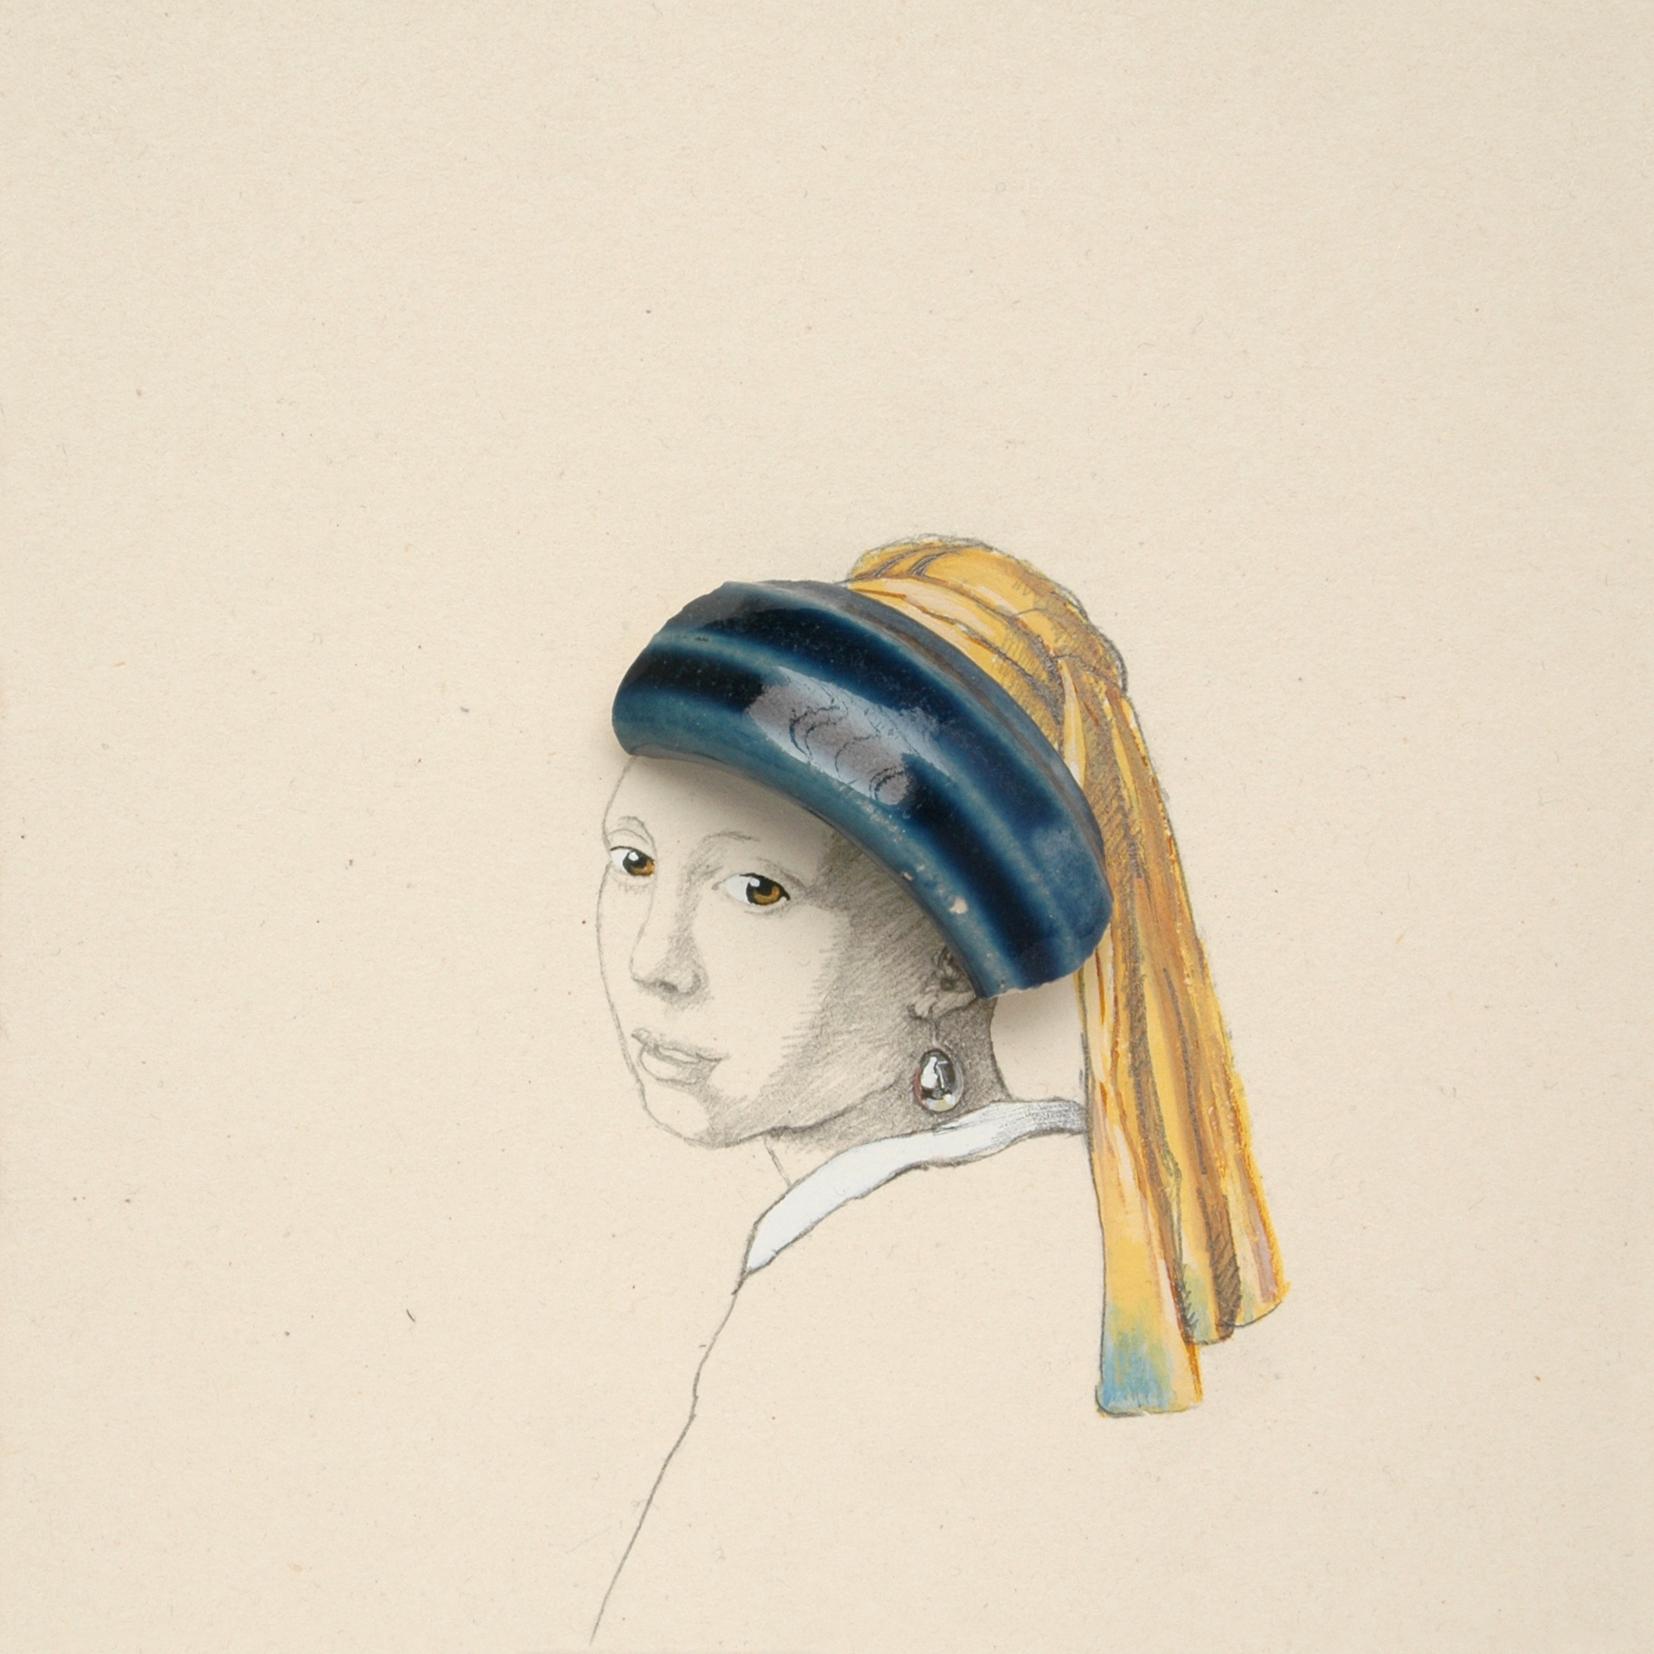 Arbeit von Petra Weifenbach aus der Serie KERAMIKS aus den Jahren 2012/2013, © Petra Weifenbach